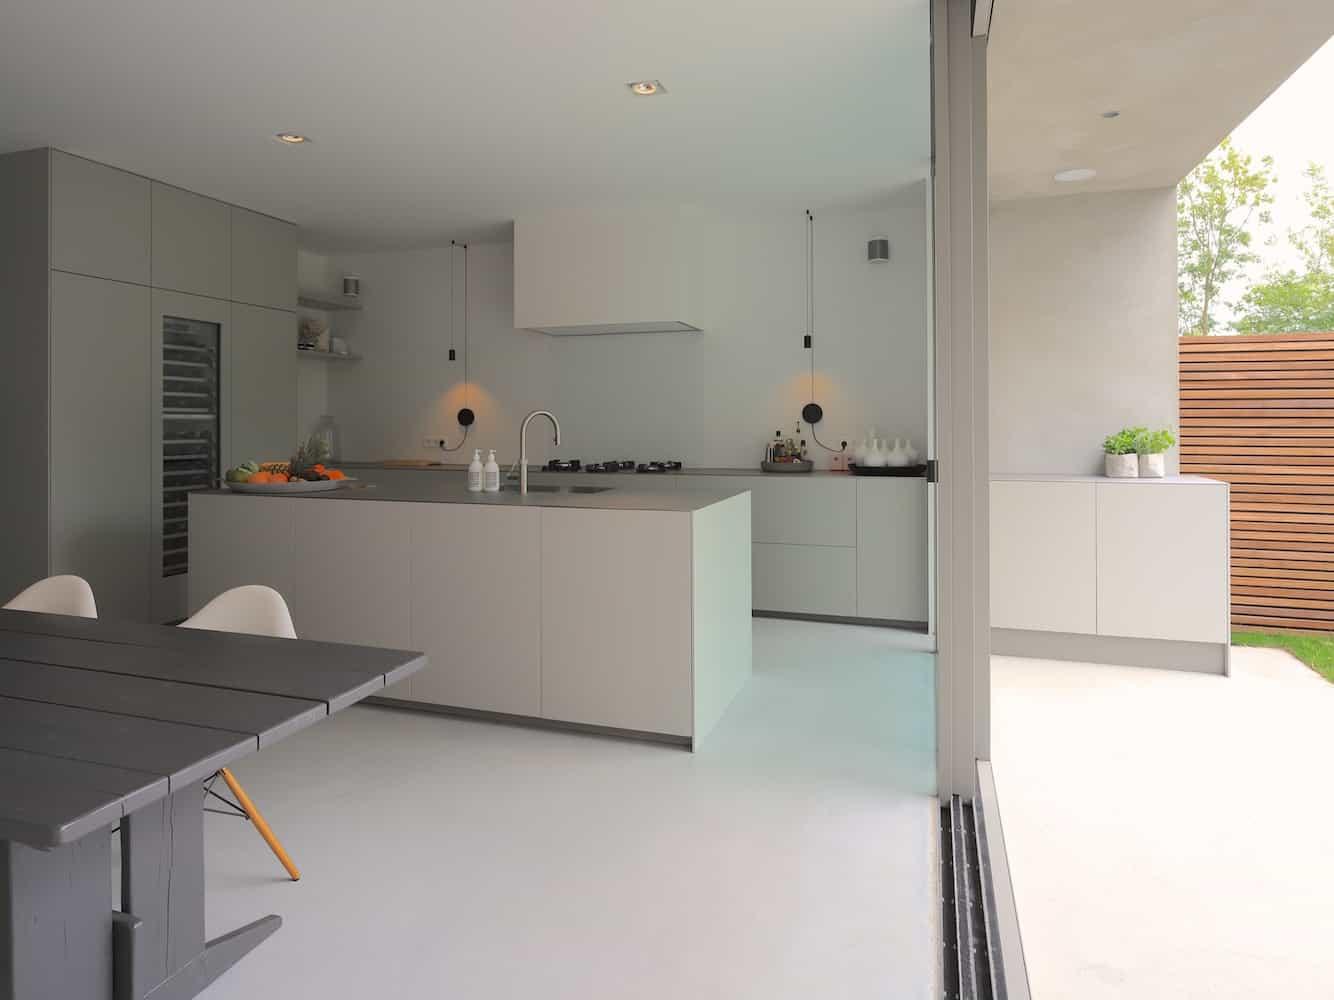 Keuken met buitenkeuken en groot kookeiland pitt cooking op